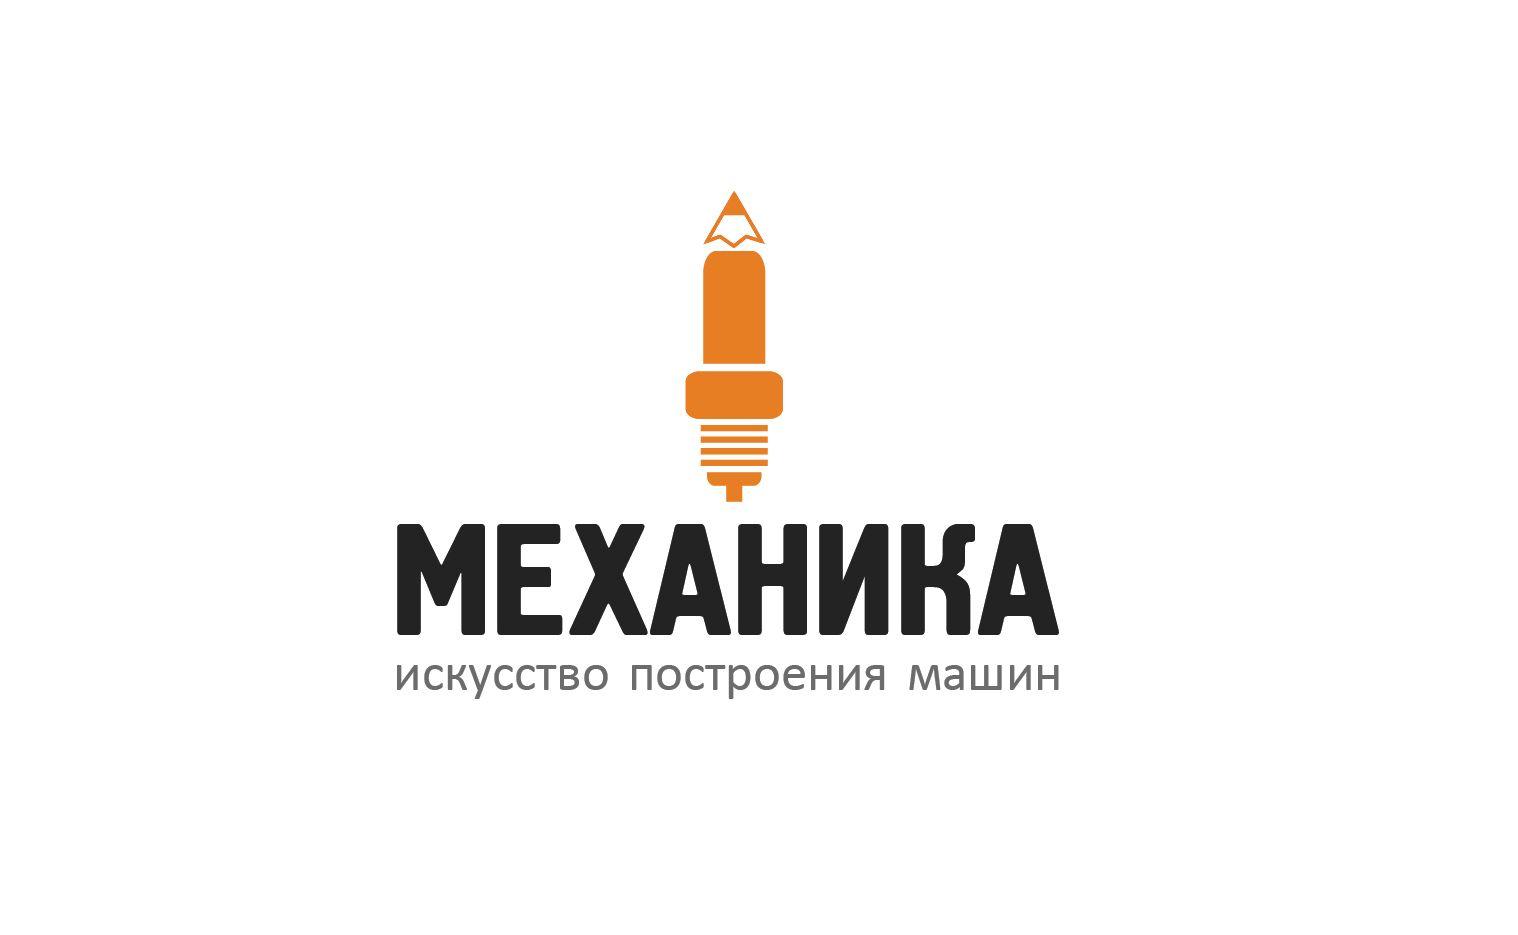 Логотип для магазина автозапчасти 'Механика' - дизайнер andyul